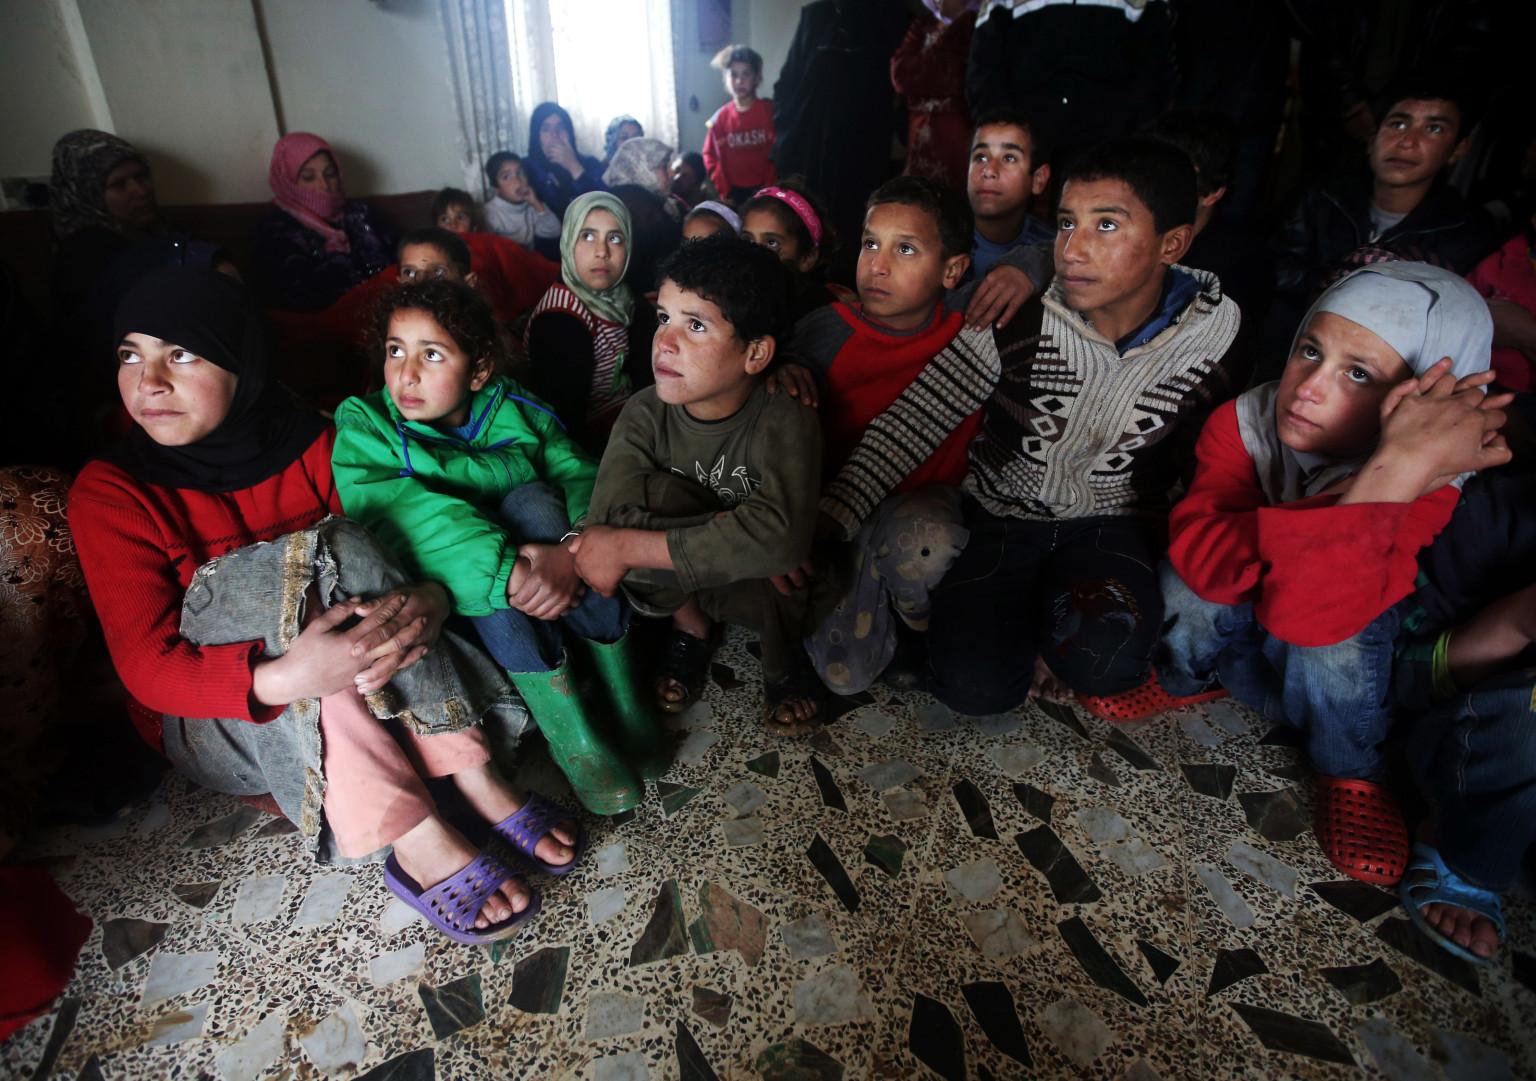 Güney Kıbrıs'a 2013'te bin 255 sığınmacı geldi